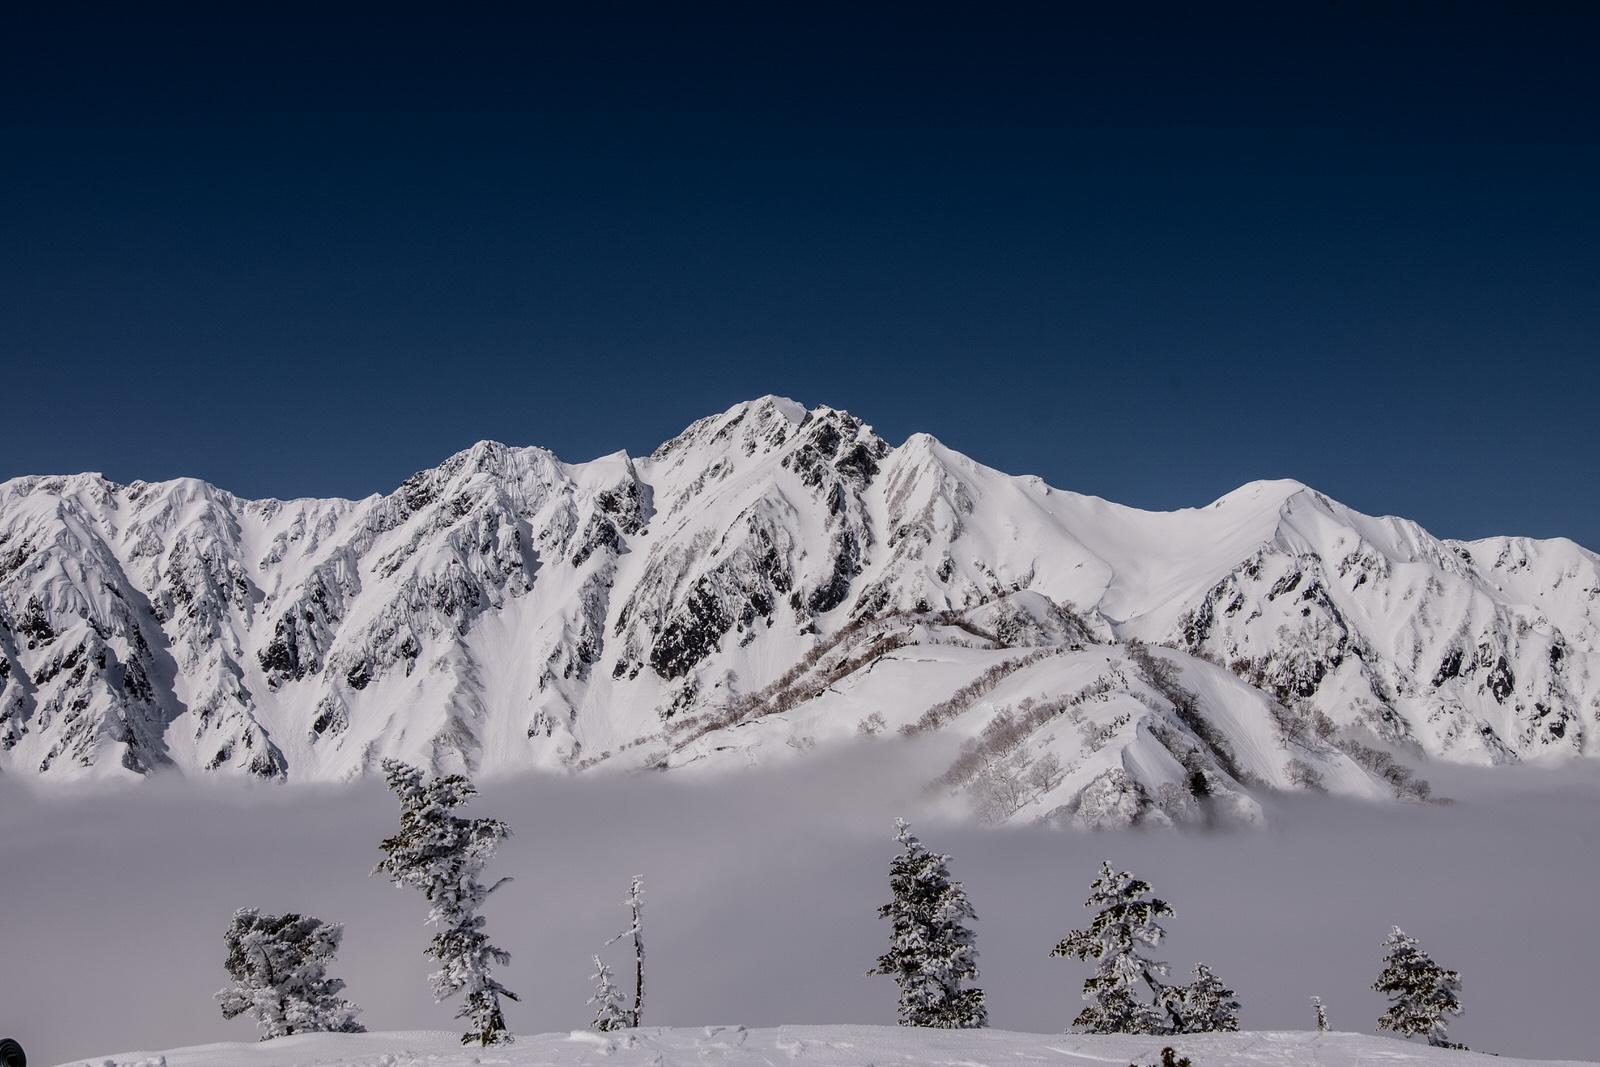 【遭難体験談】積雪期の五竜岳で標高差120mを滑落した話